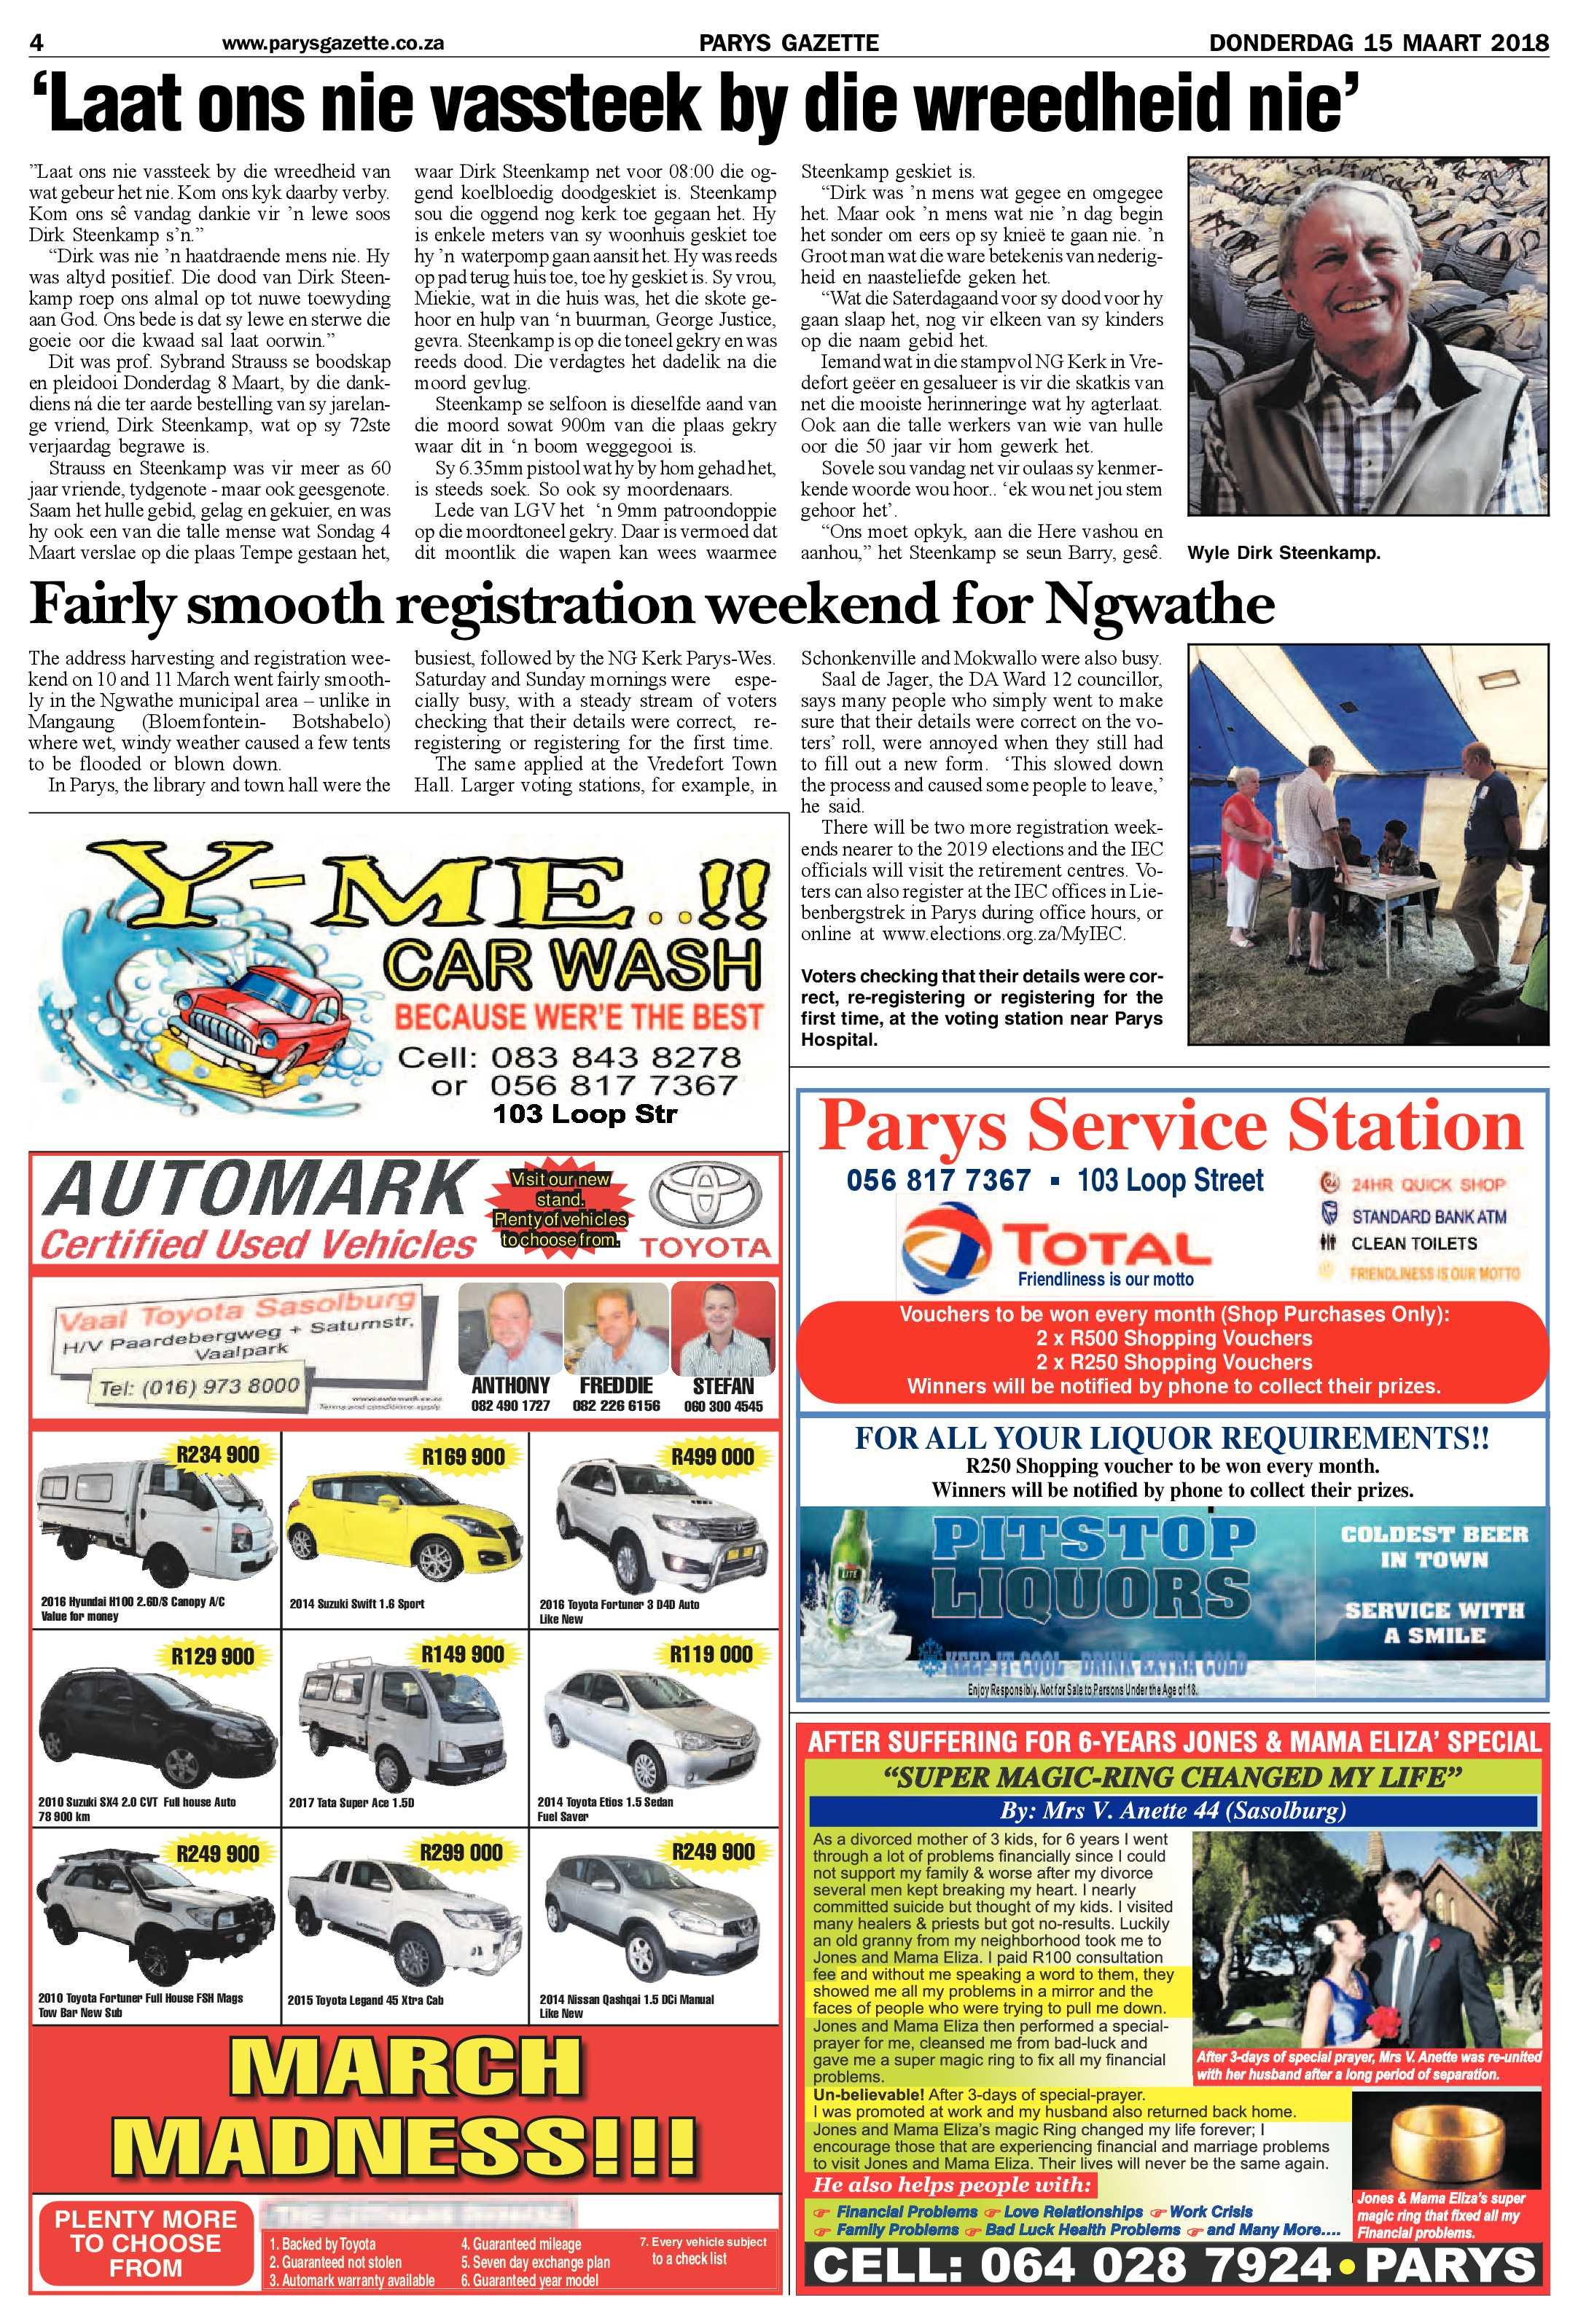 18-maart-2018-epapers-page-4